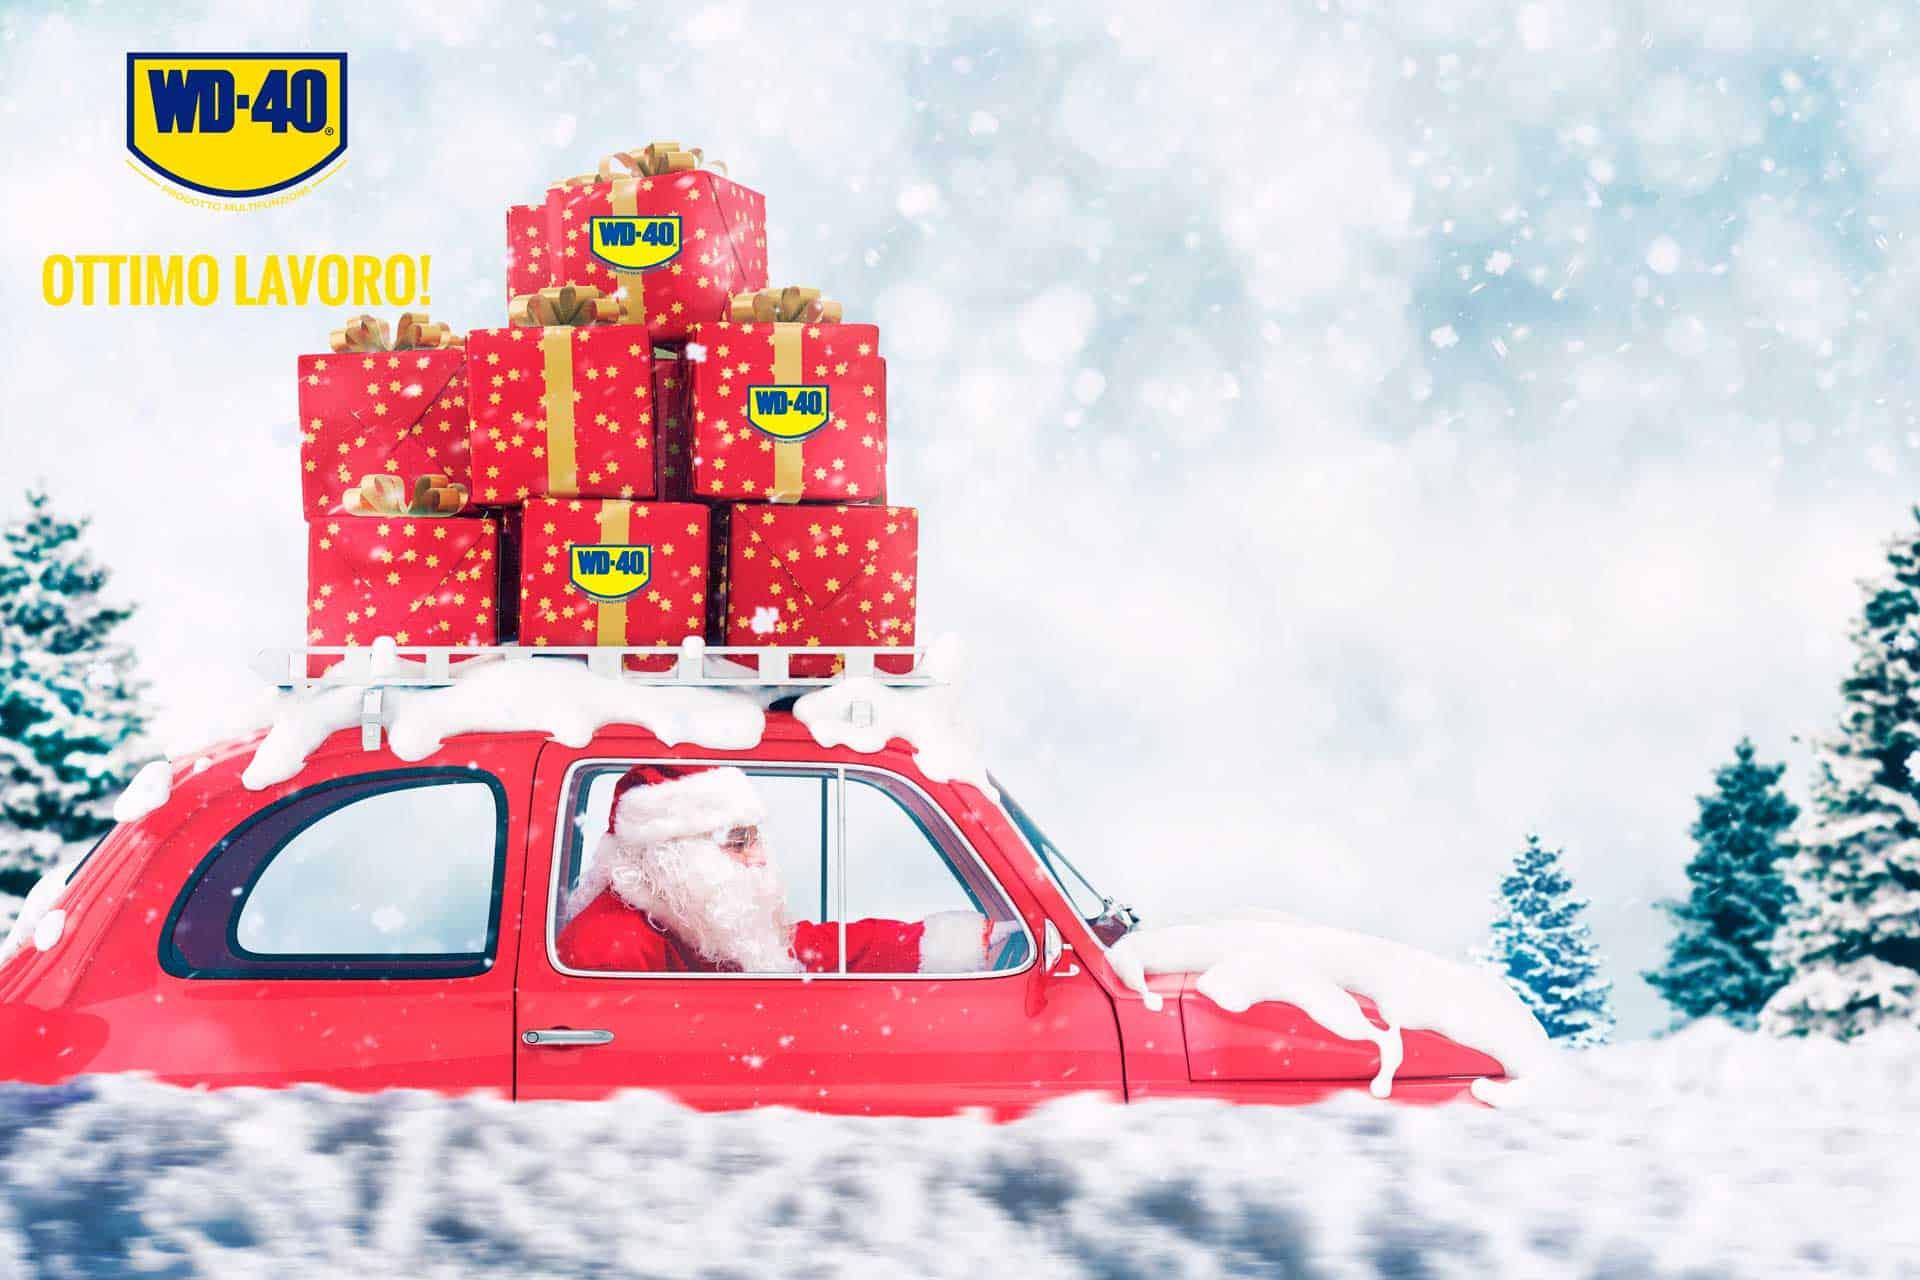 Regali Di Natale The.Regali Di Natale Per I Tuoi Amici Wd 40